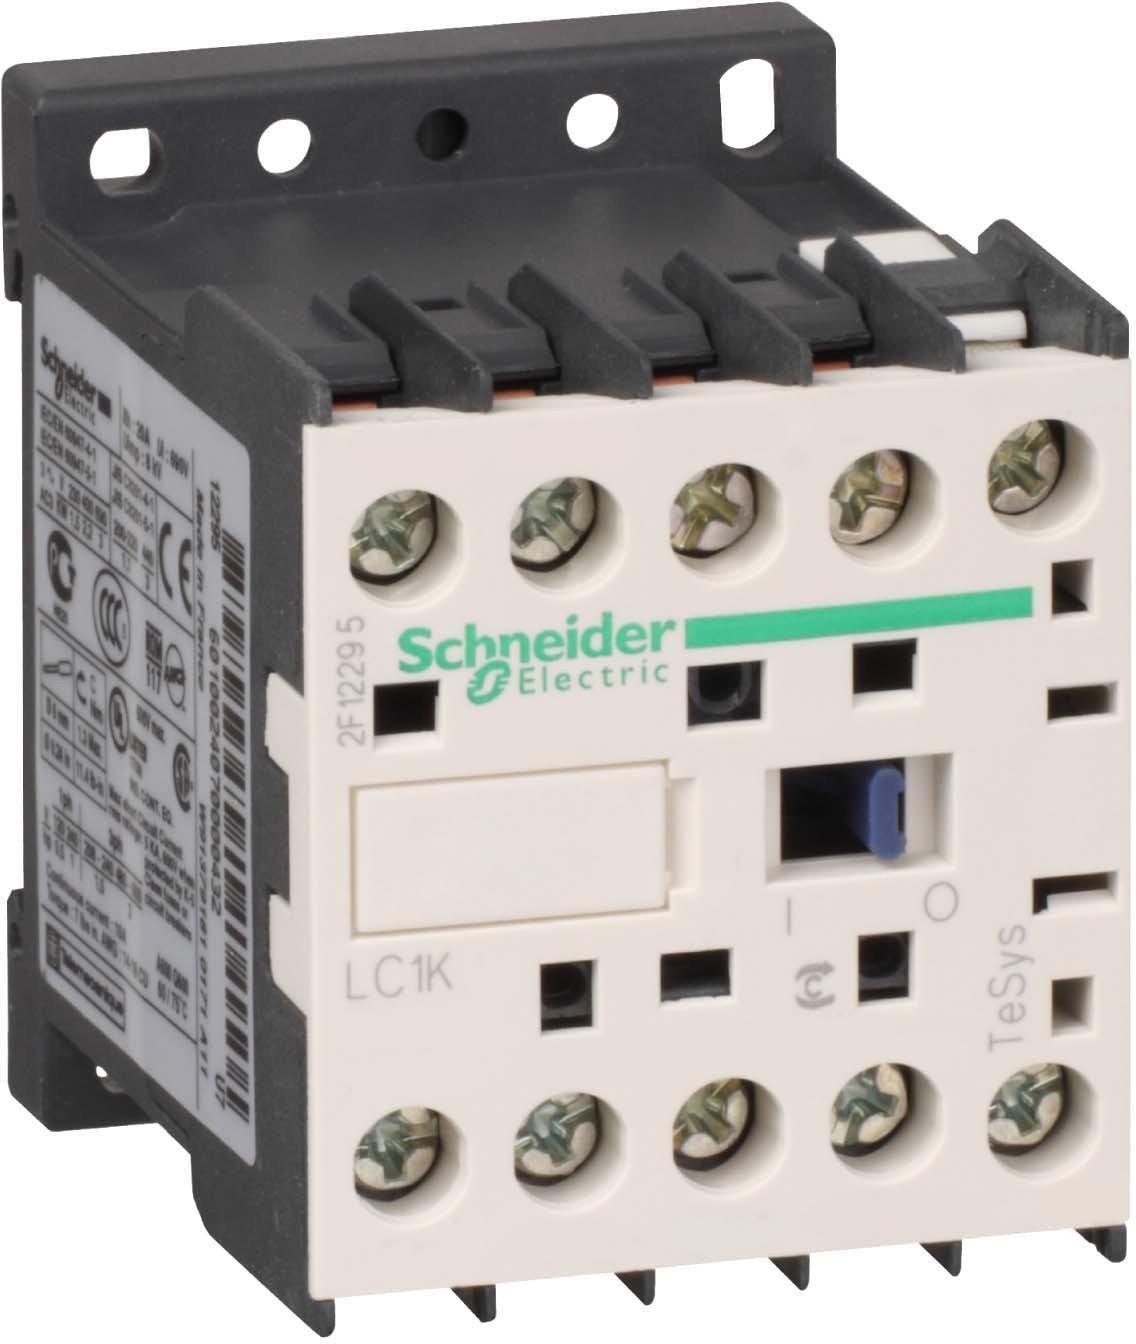 Schneider Electric LC1K0910E7 Contactor 9A 48V, Contactor-3No 9A Ac3 Poles